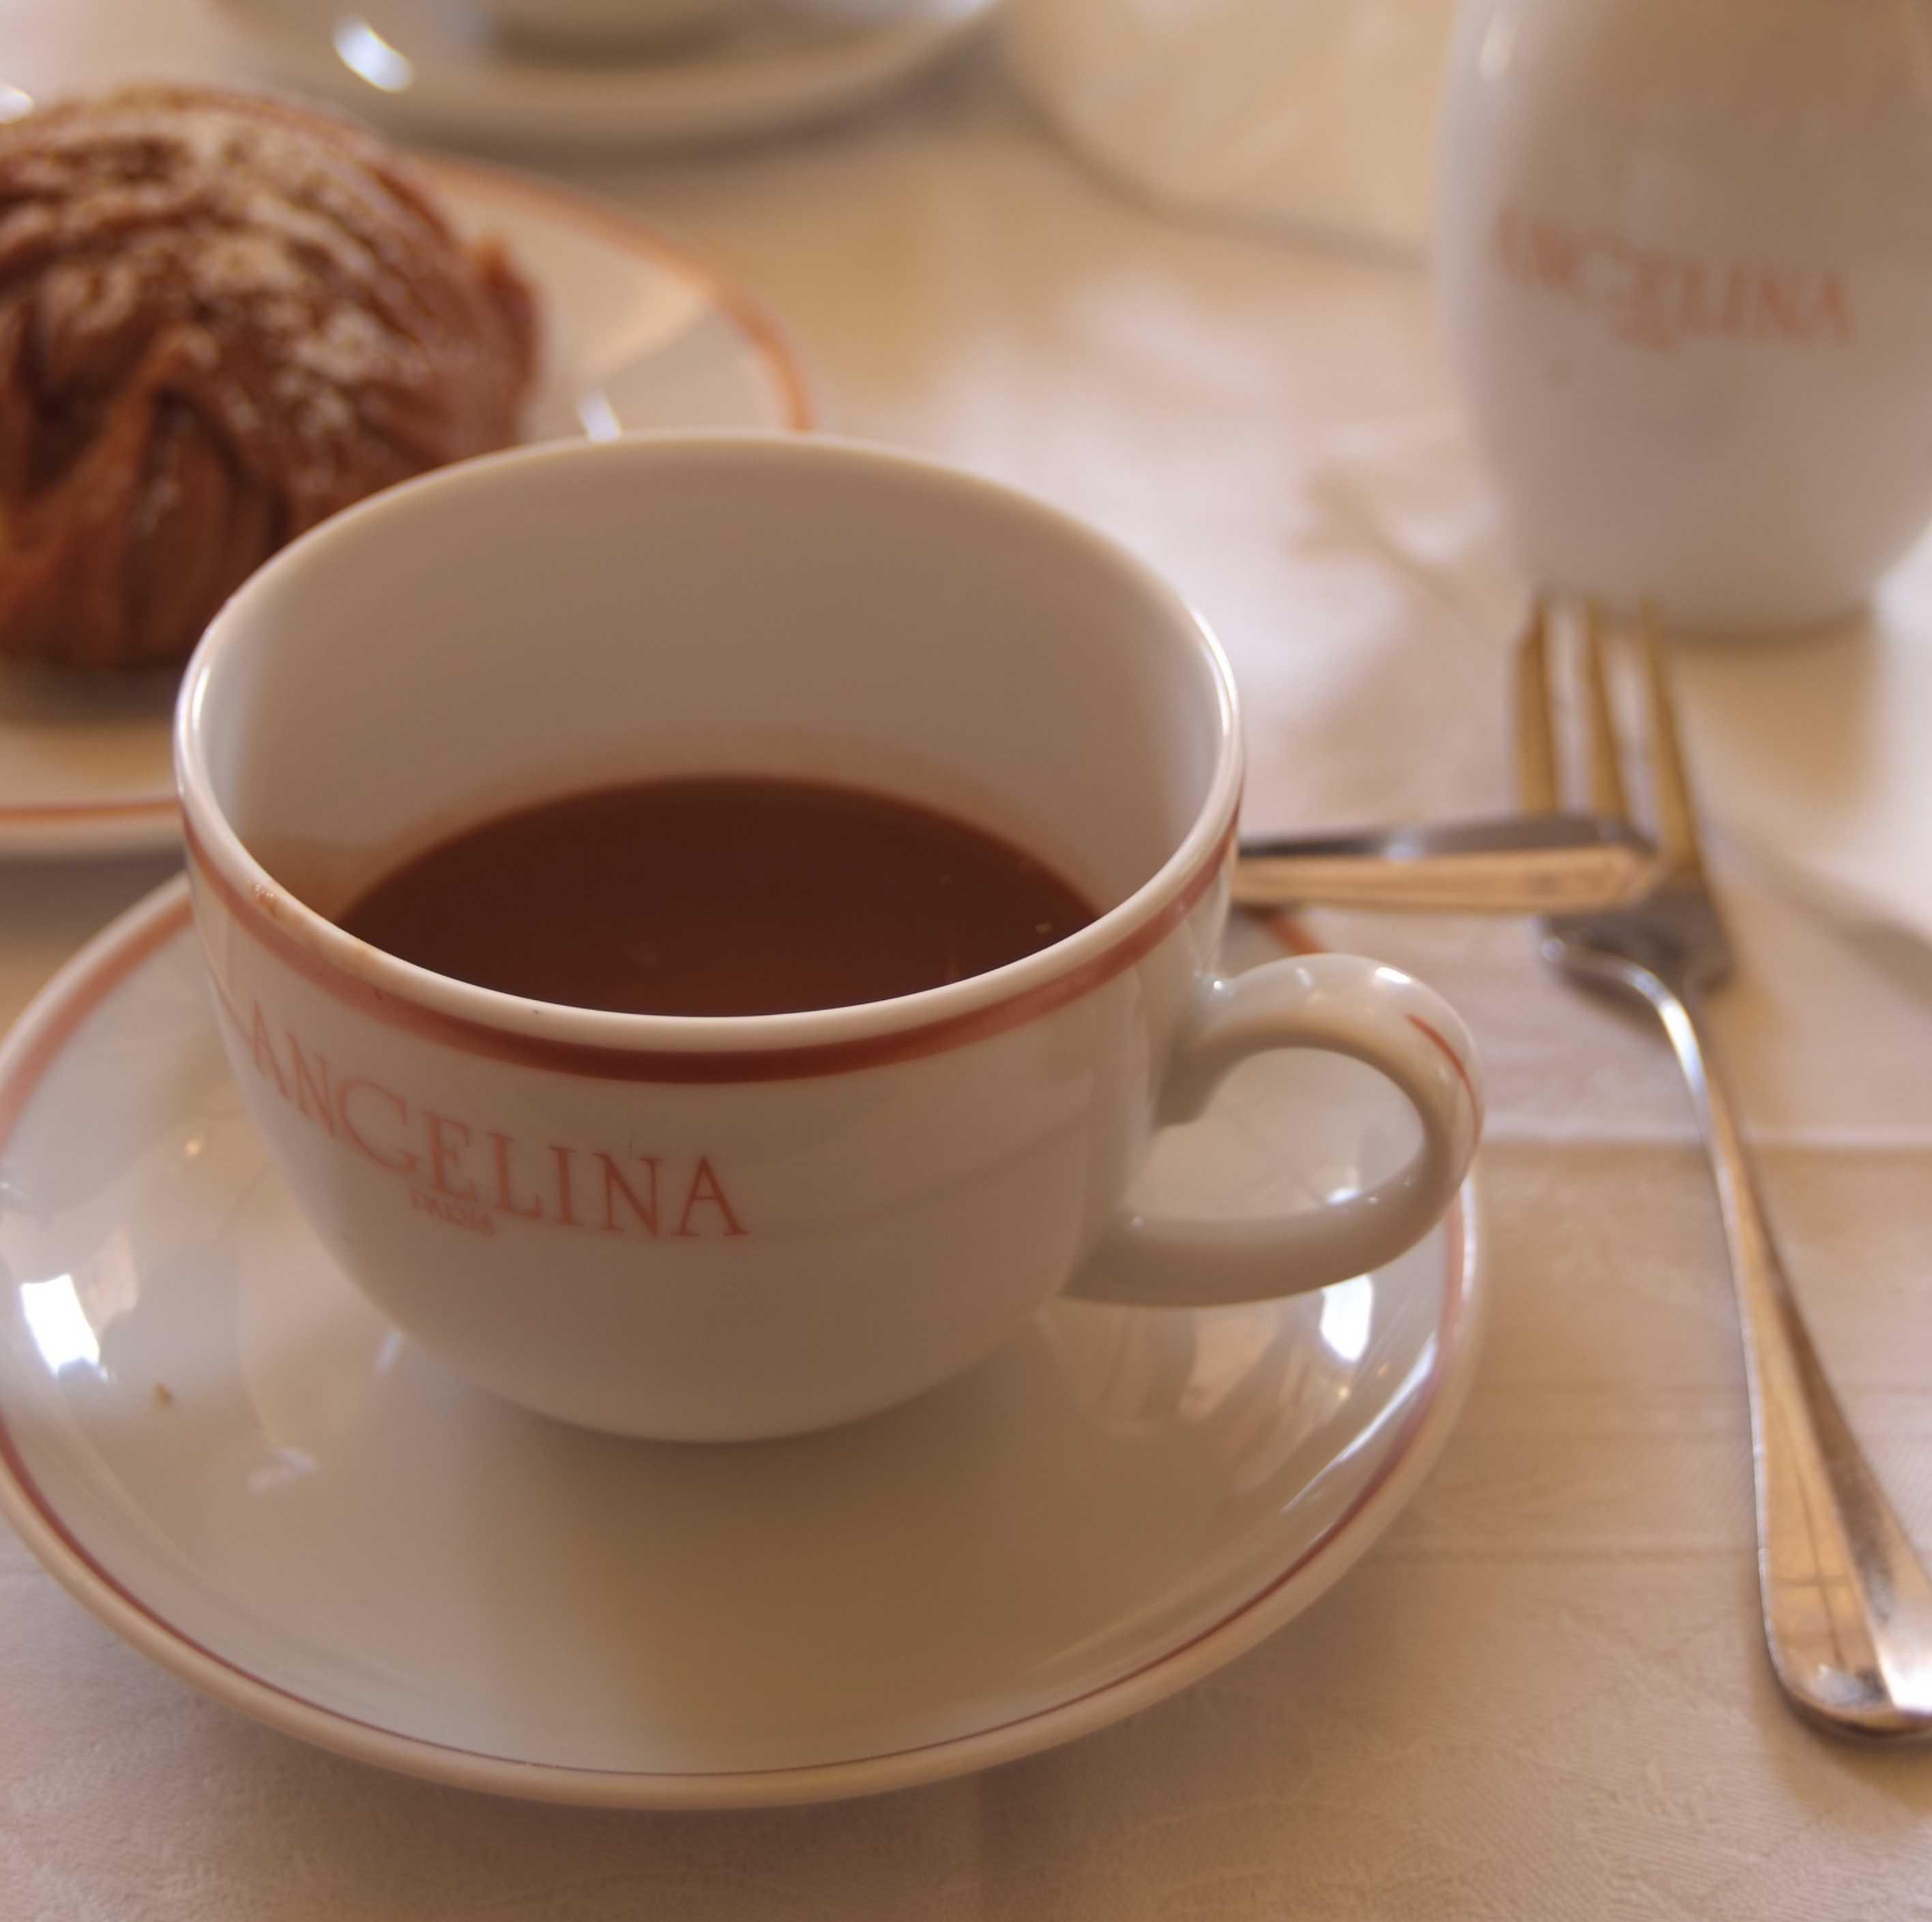 Hot Chocolate at Angekina